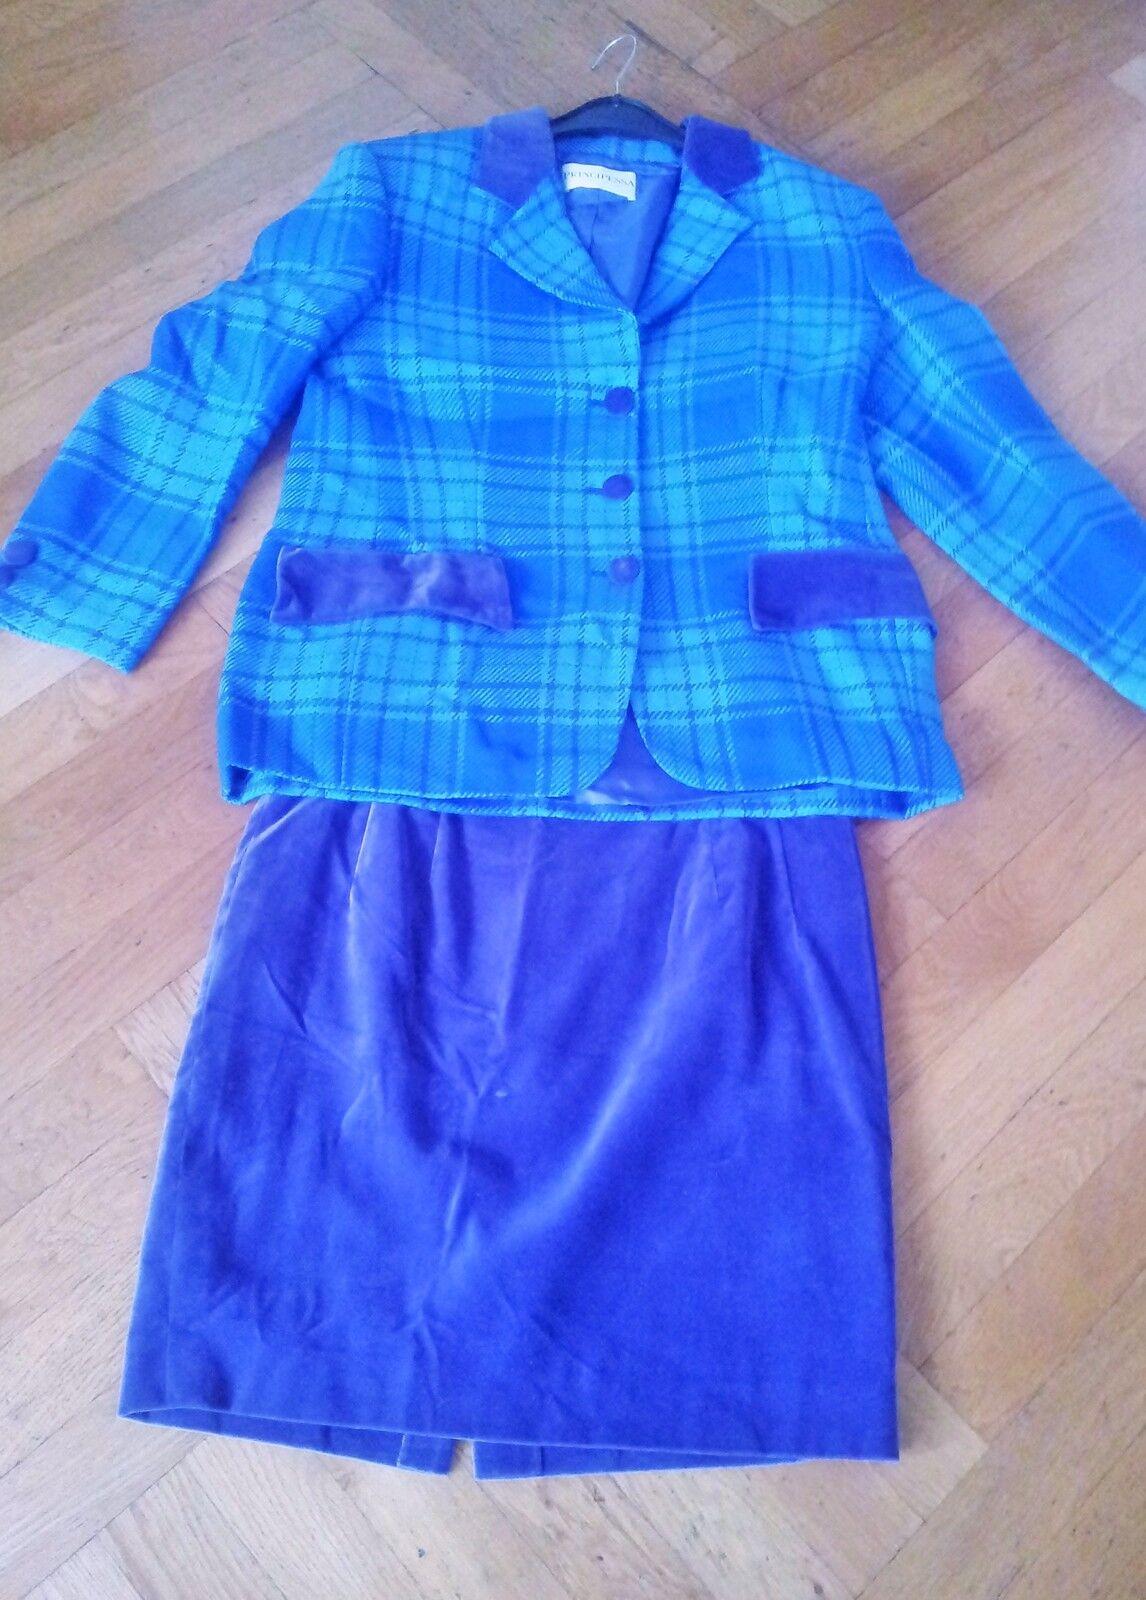 Principessa Kostüm lila-blau Gr. 40 42 - neuwertig